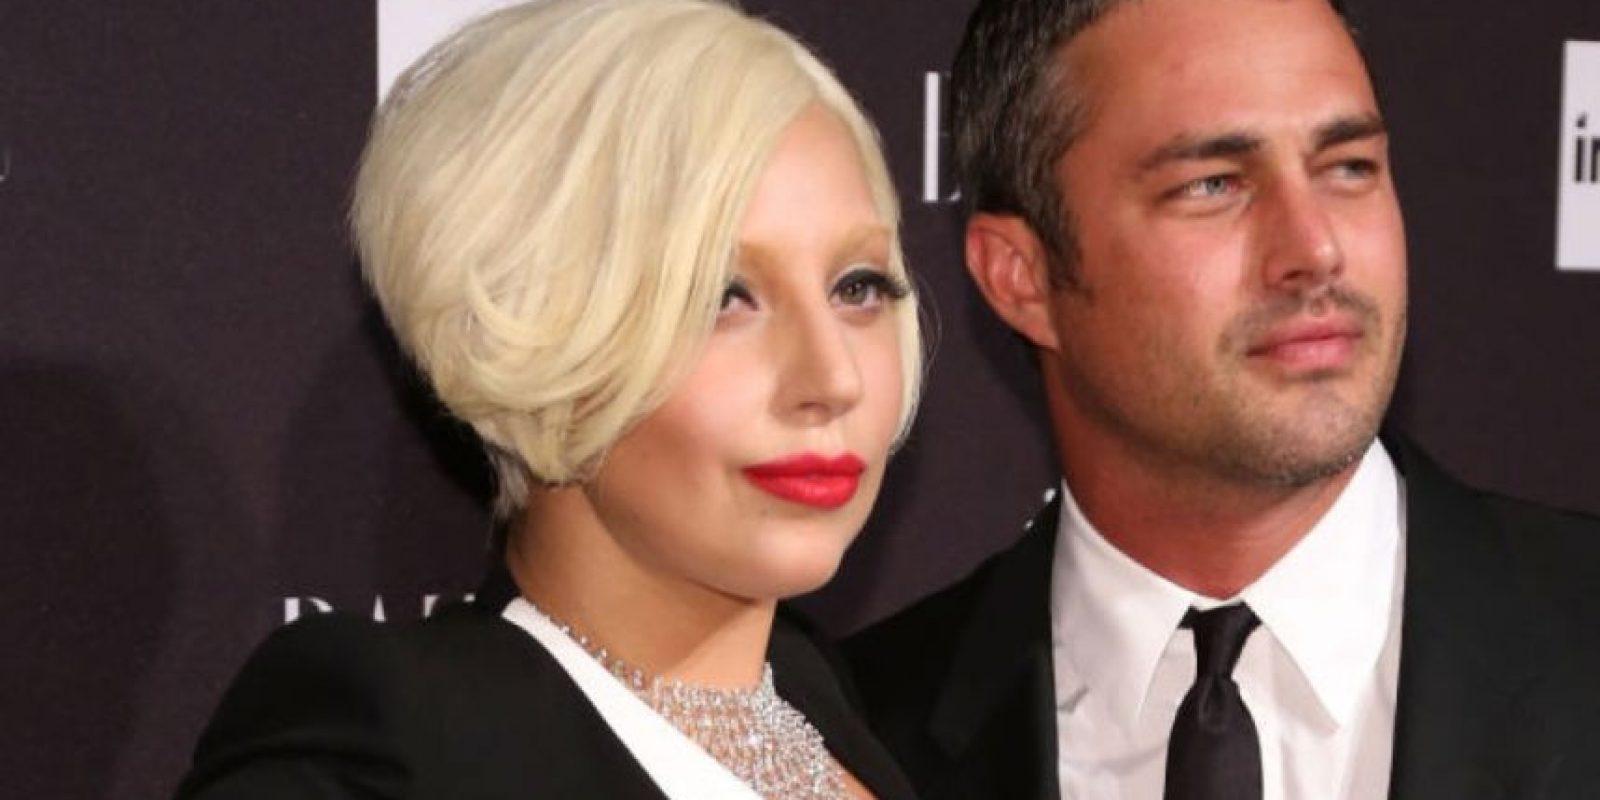 Se rumorea que se casaría con él en verano Foto:Getty Images